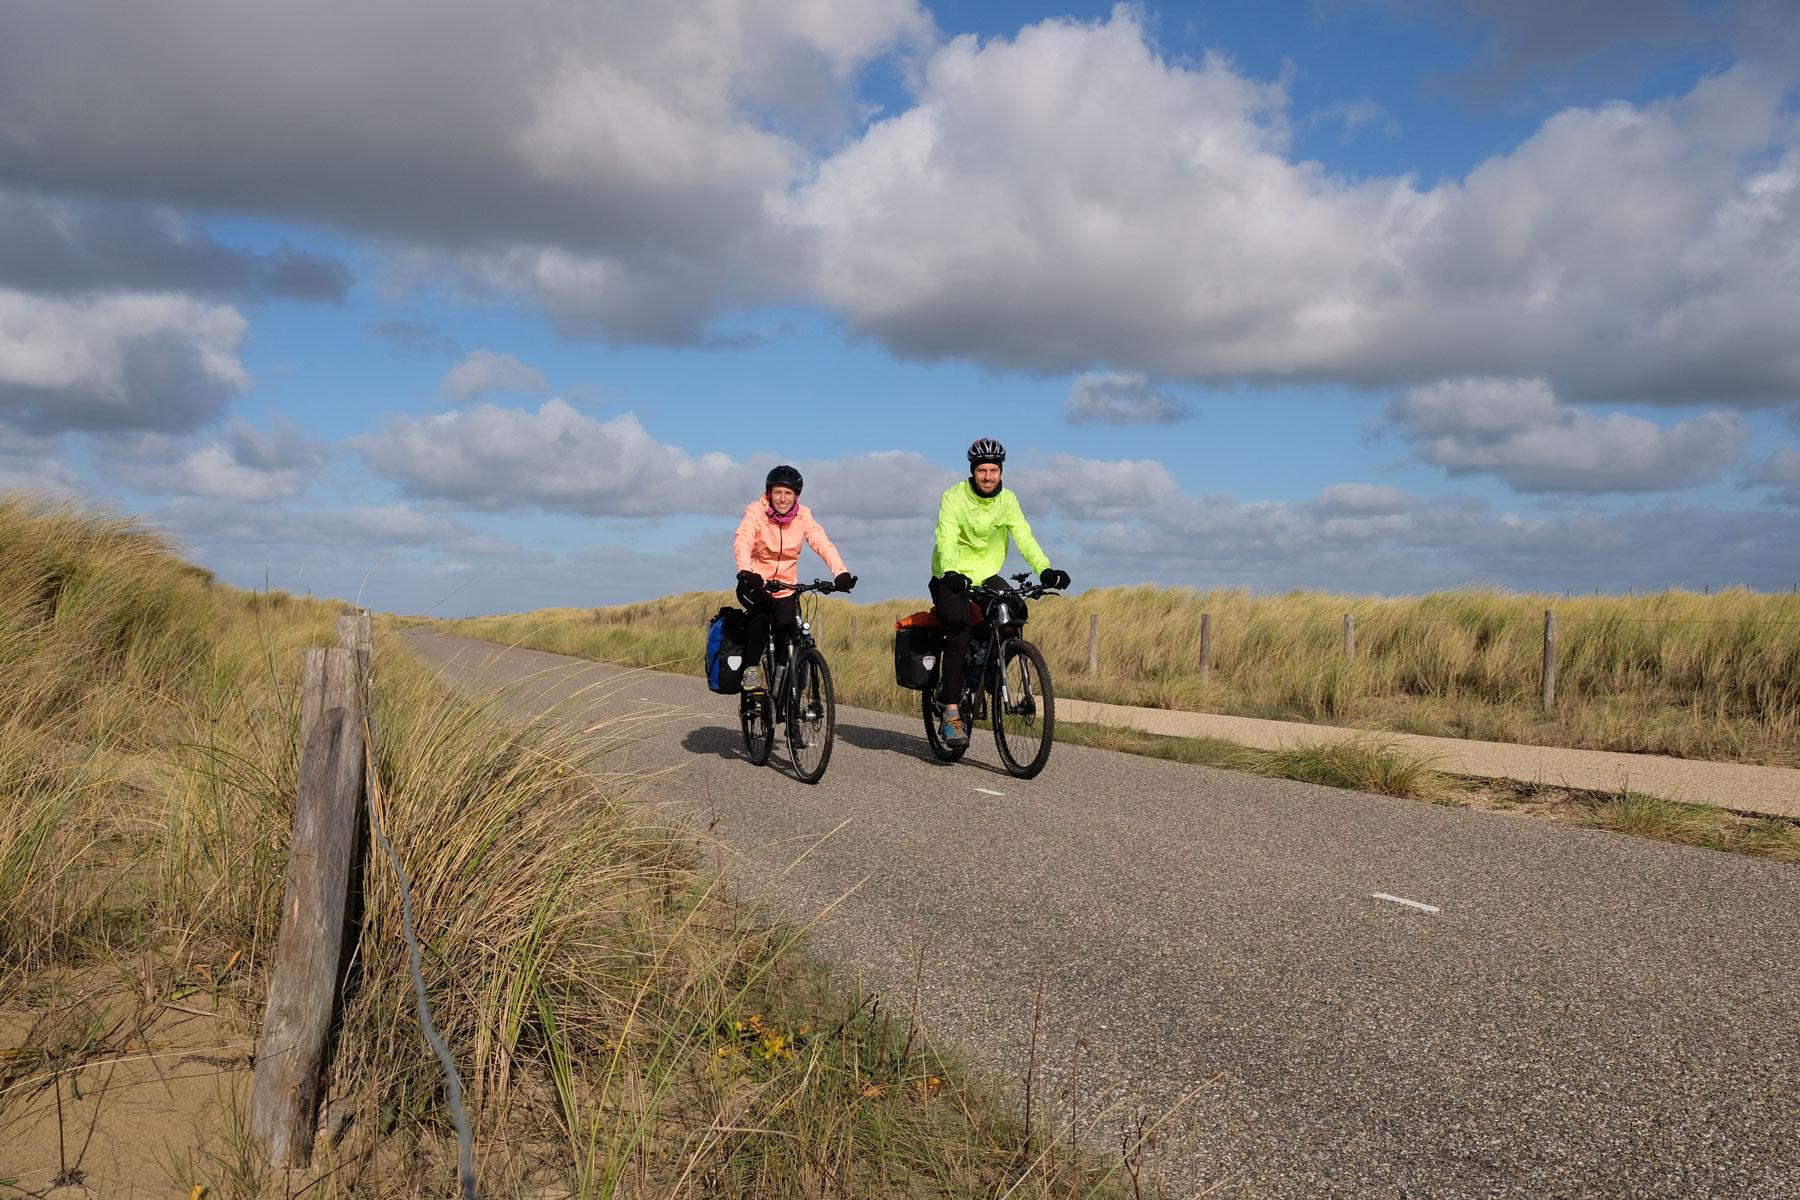 Leo und Sebastian fahren mit ihren Fahrrädern durch die Dünen der Niederlande.